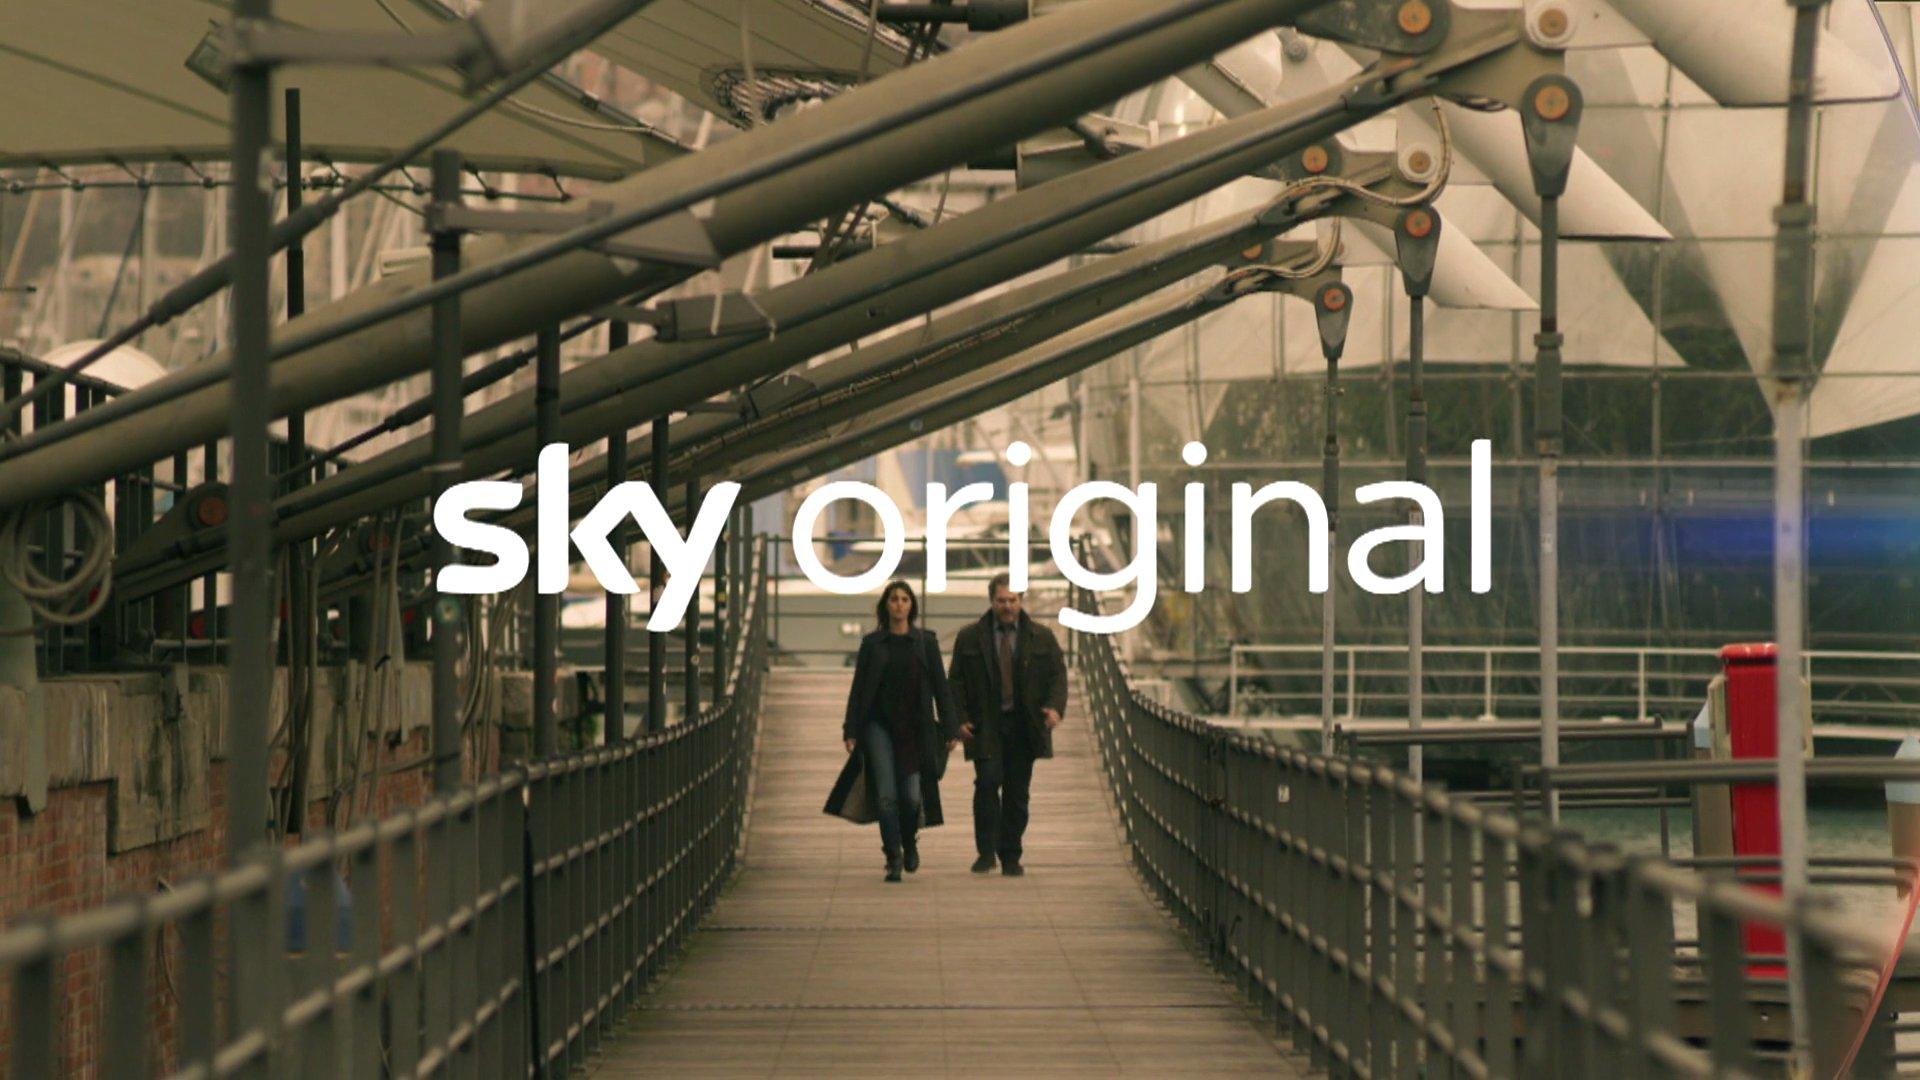 «Petra» con Paola Cortellesi su Sky Cinema (in 4K HDR con Sky Q SAT)